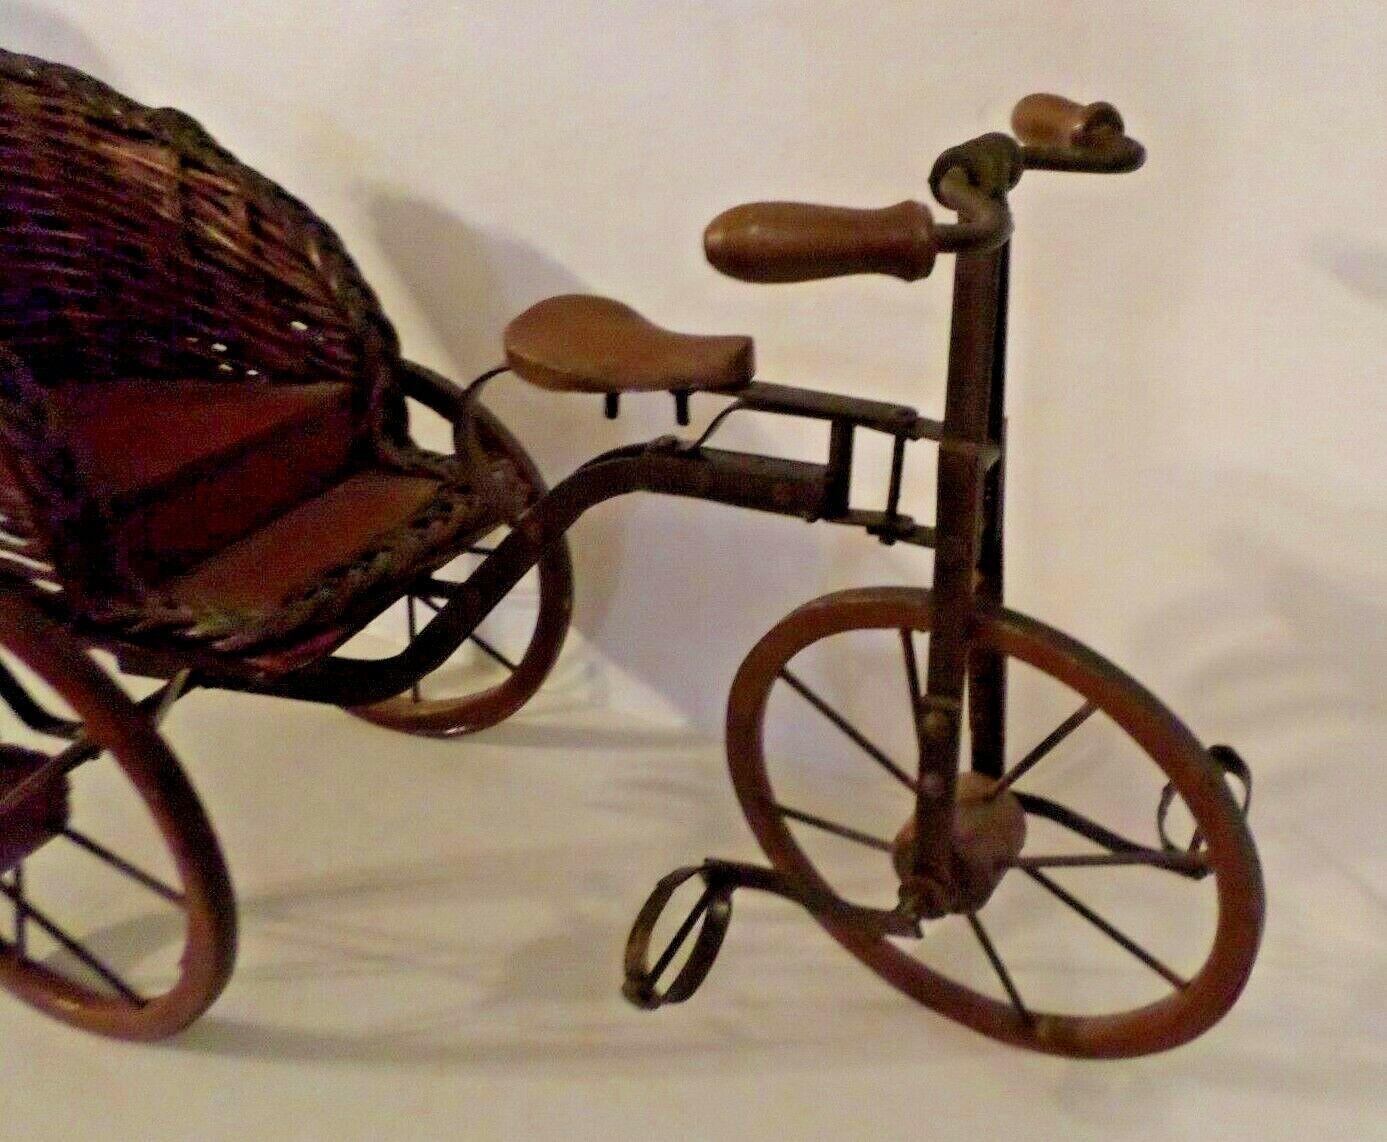 VINTAGE WOOD  METAL RICKSHAW 3 Wheel Bicycle PEDICAB DOLL PLANT DISPLAY FIGURINE